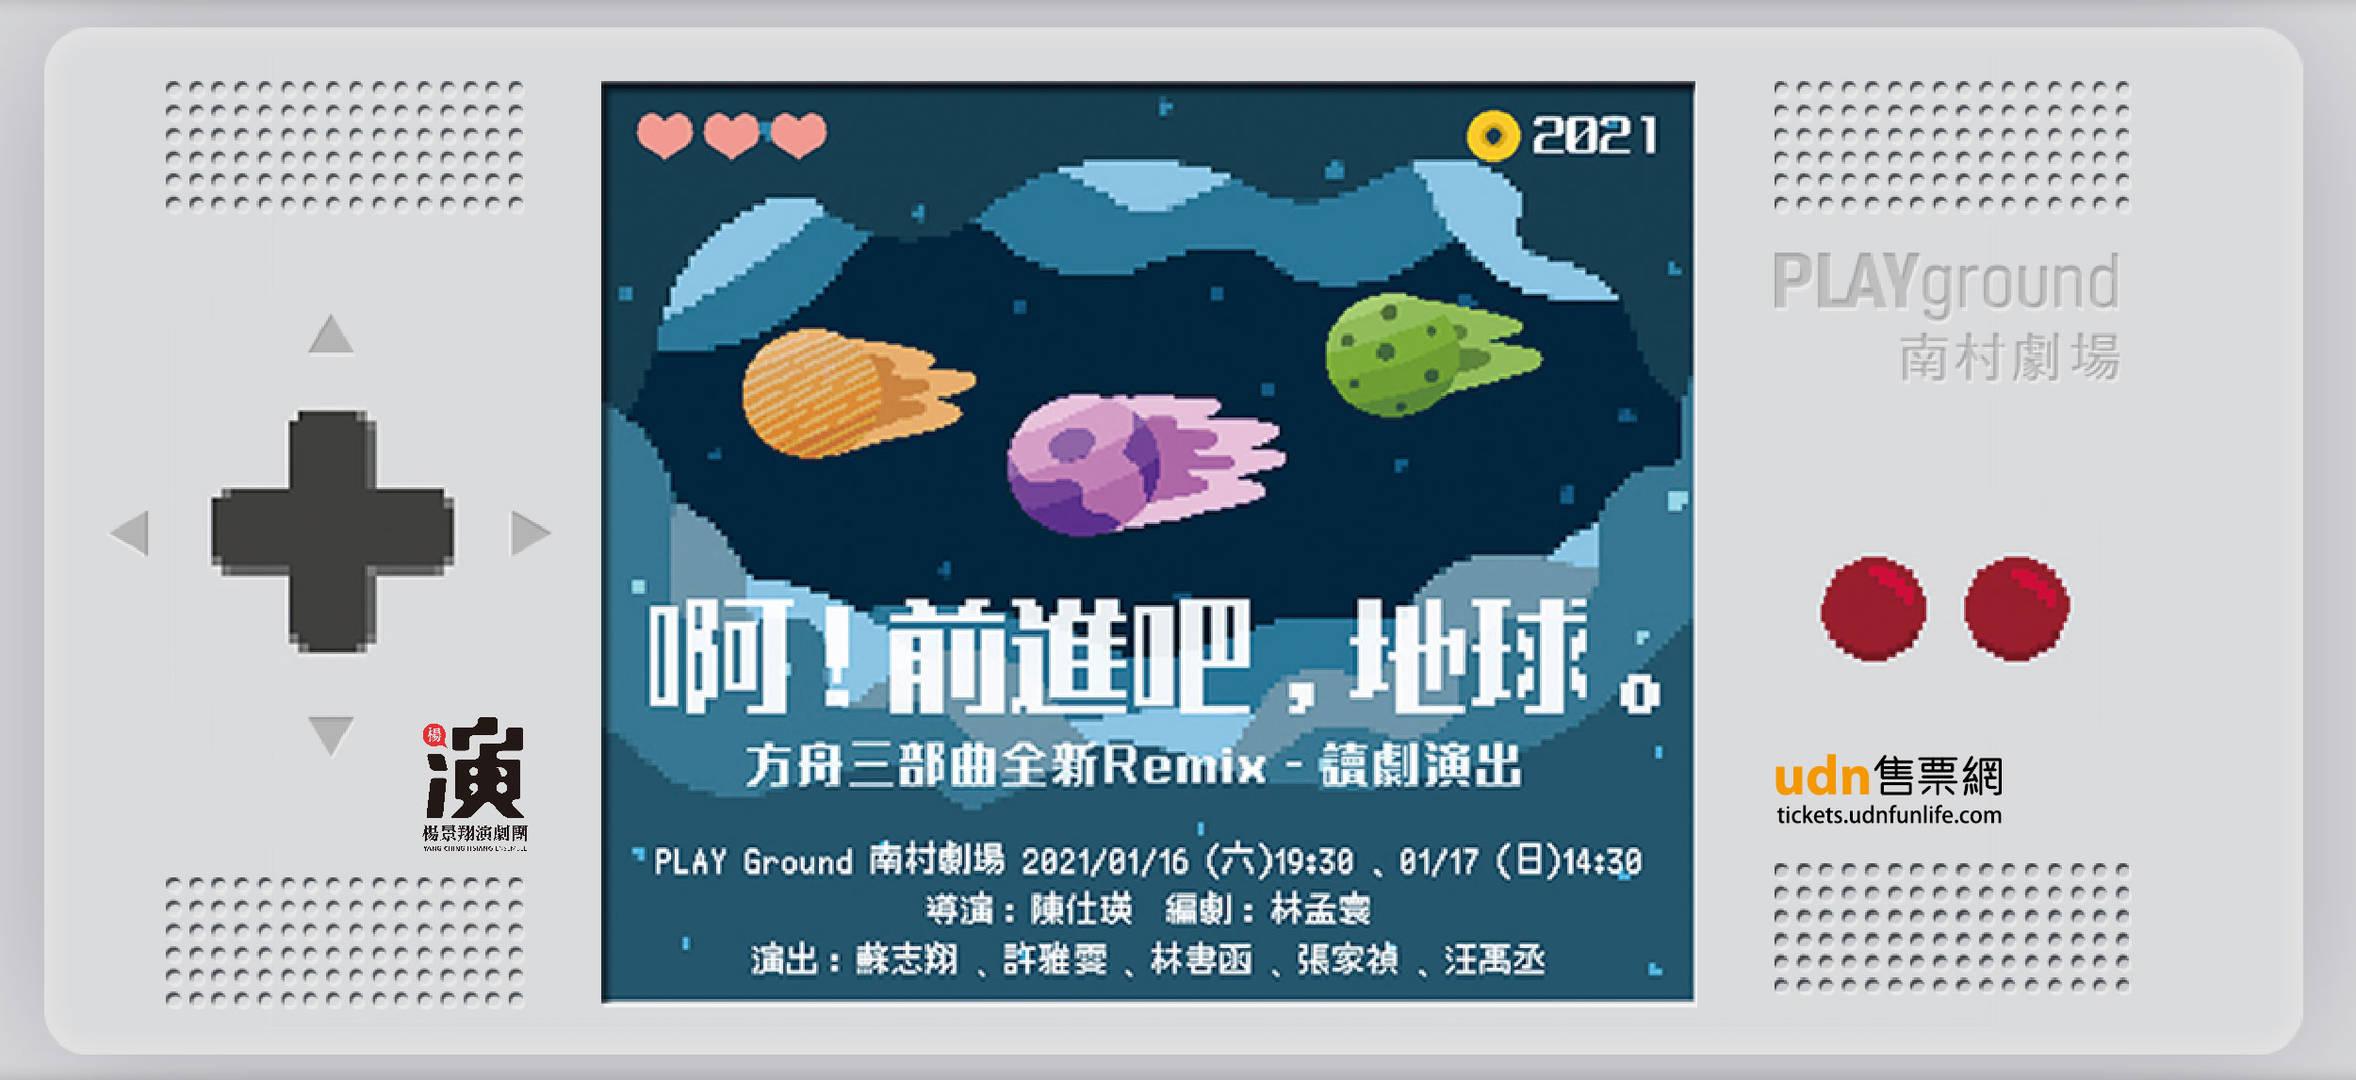 楊景翔演劇團《啊!前進吧,地球。》方舟三部曲全新Remix—讀劇演出